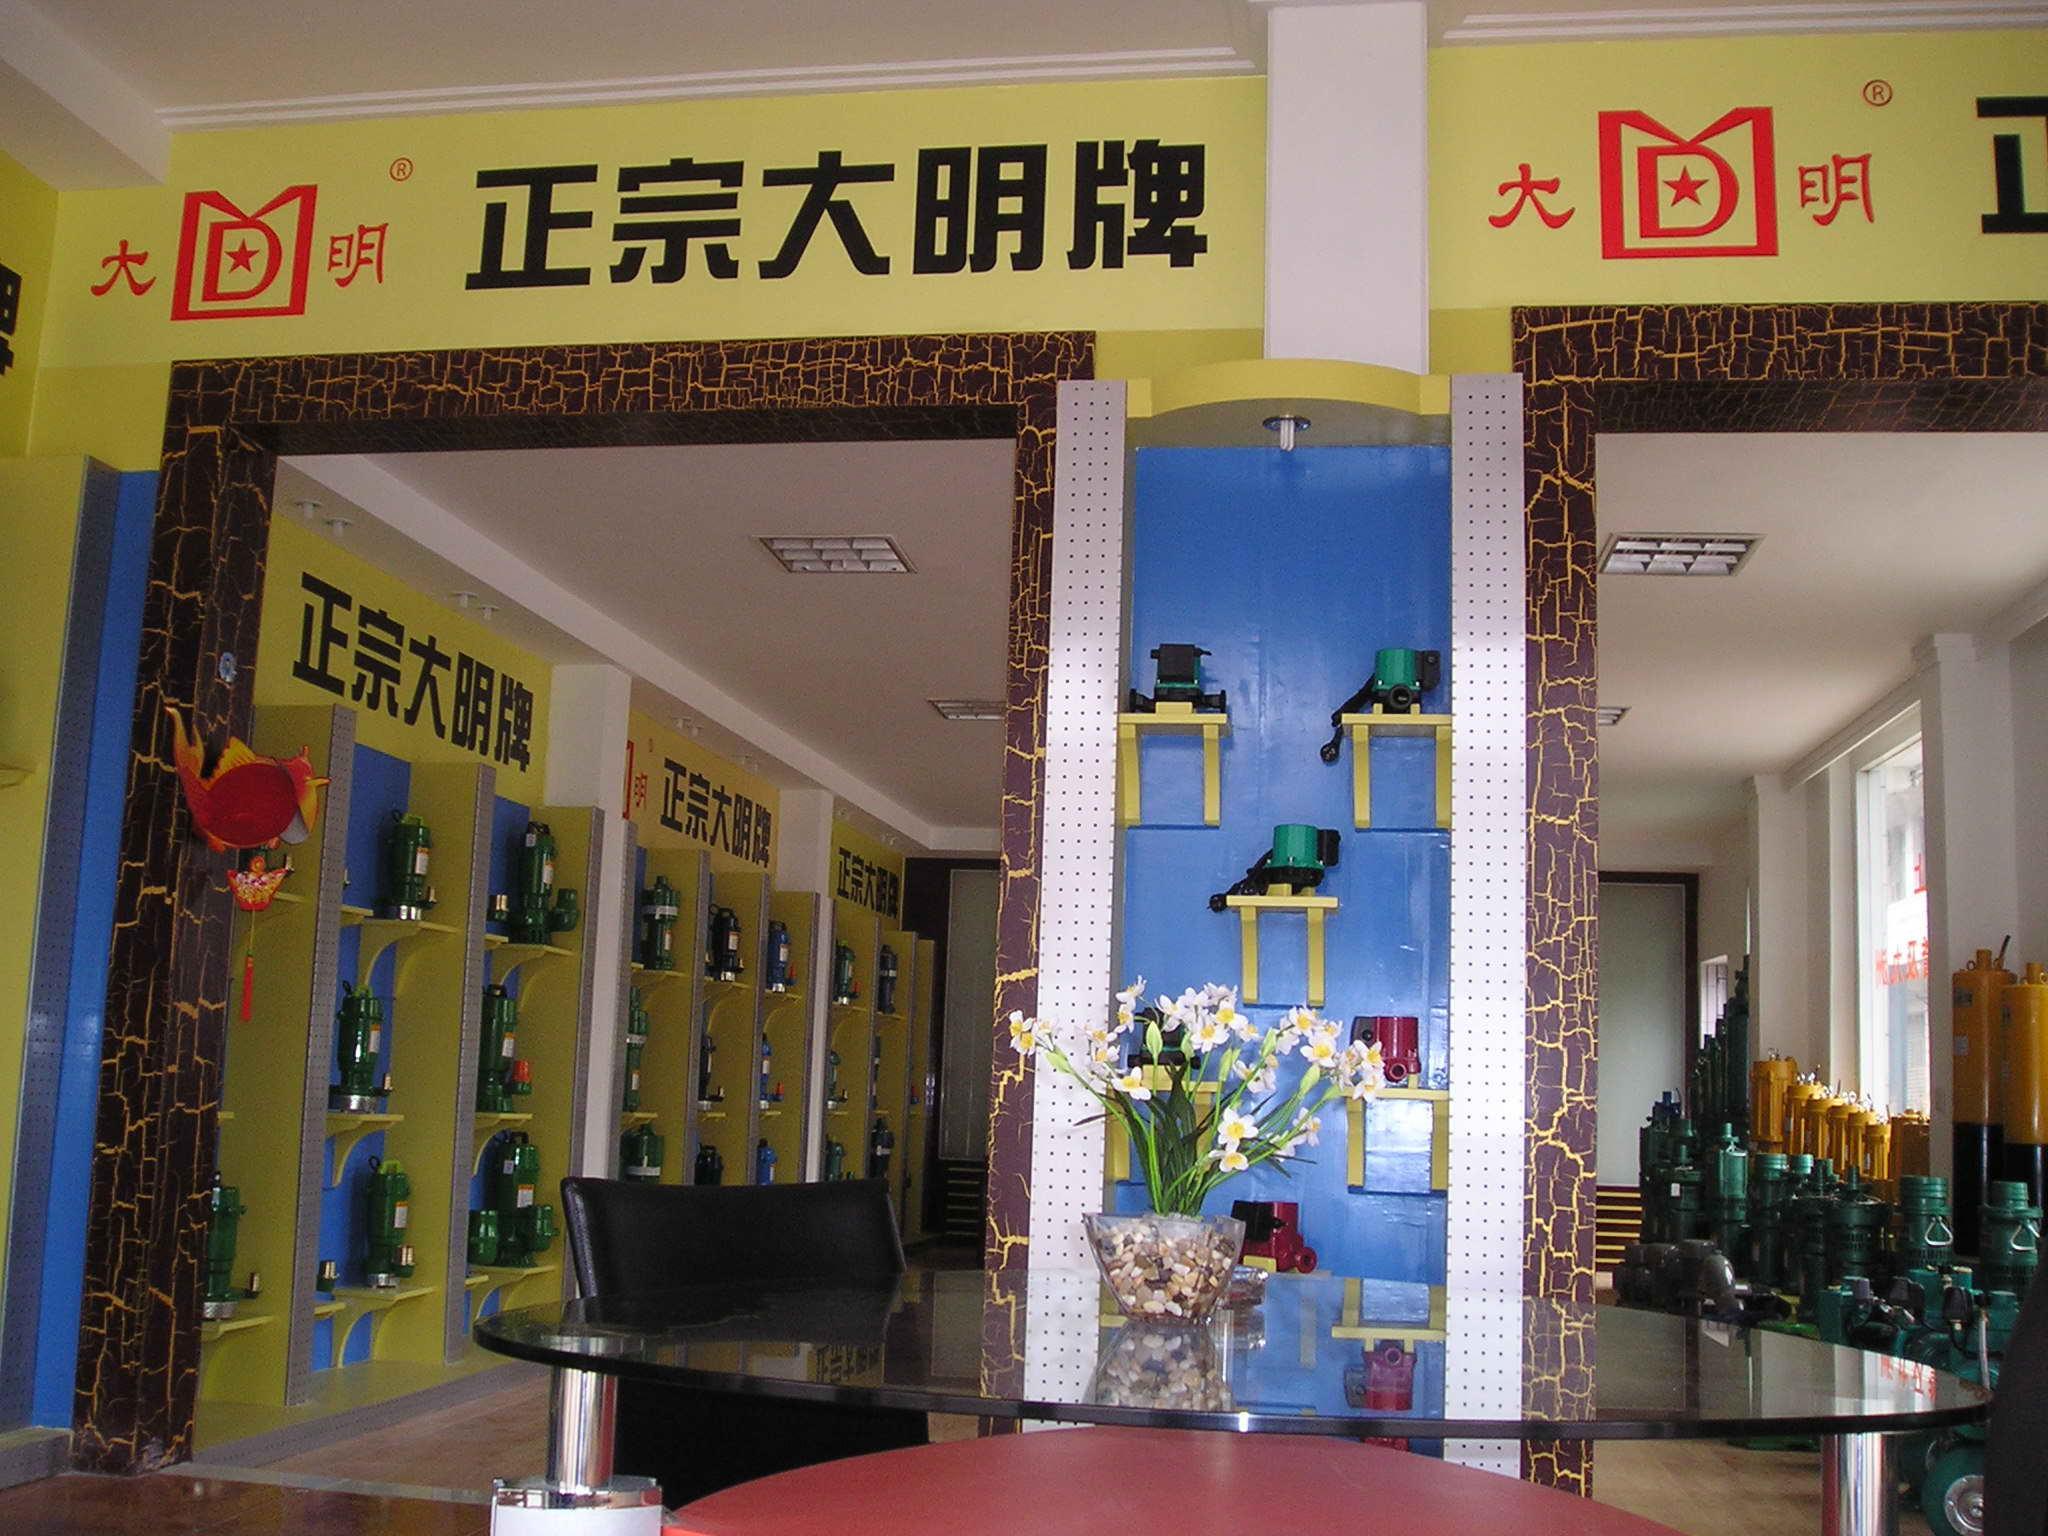 浙江大明机电有限公司-大明公司展示厅2